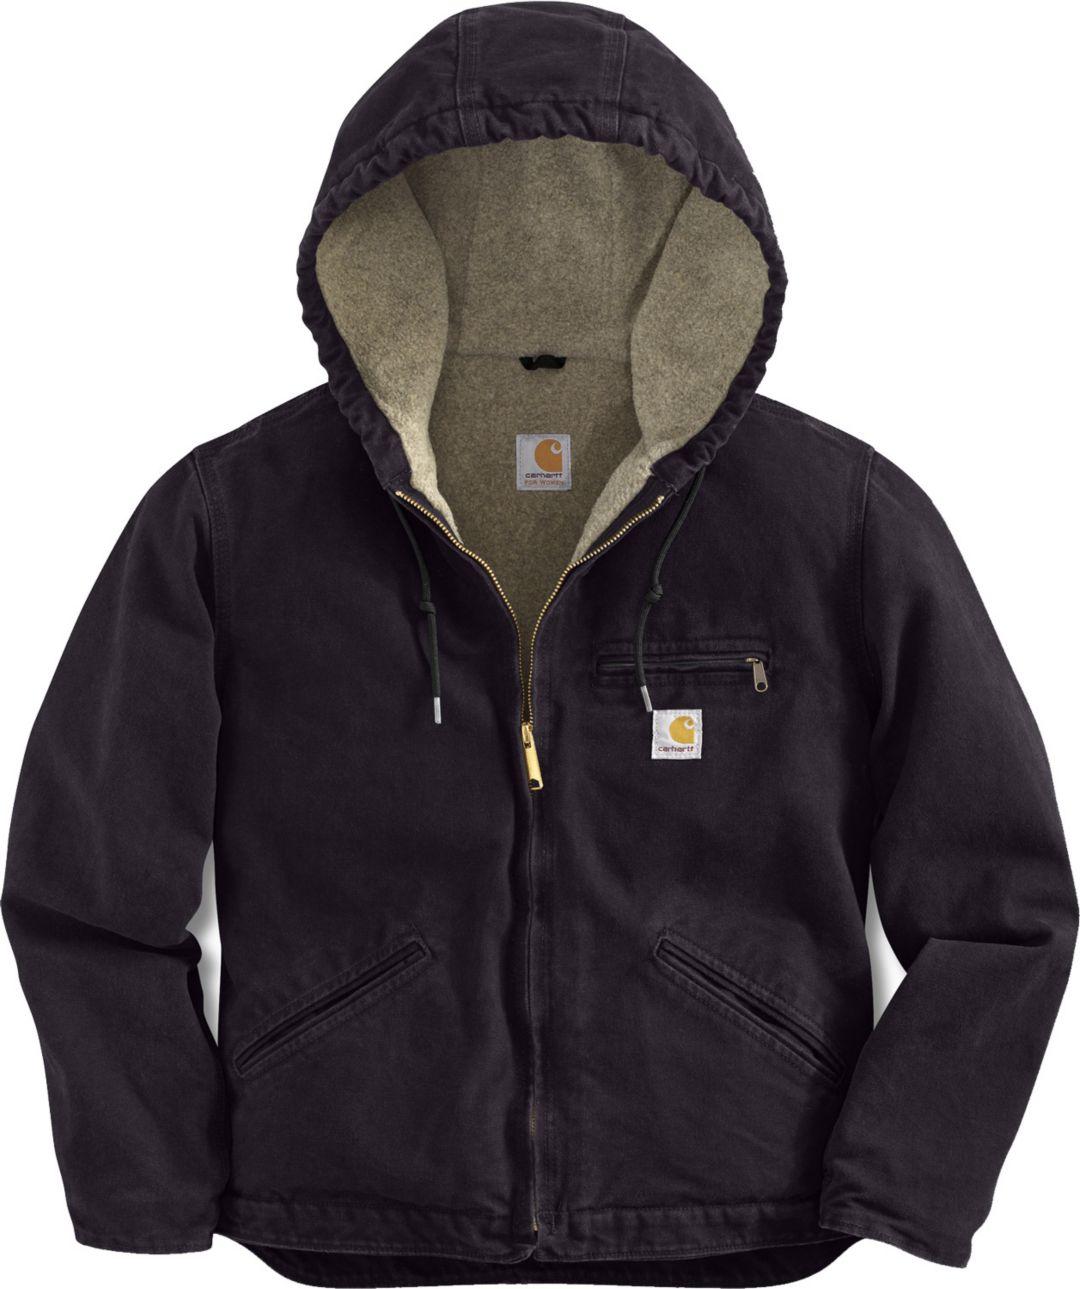 68bca7c391 Carhartt Women's Sandstone Sierra Jacket | Field & Stream